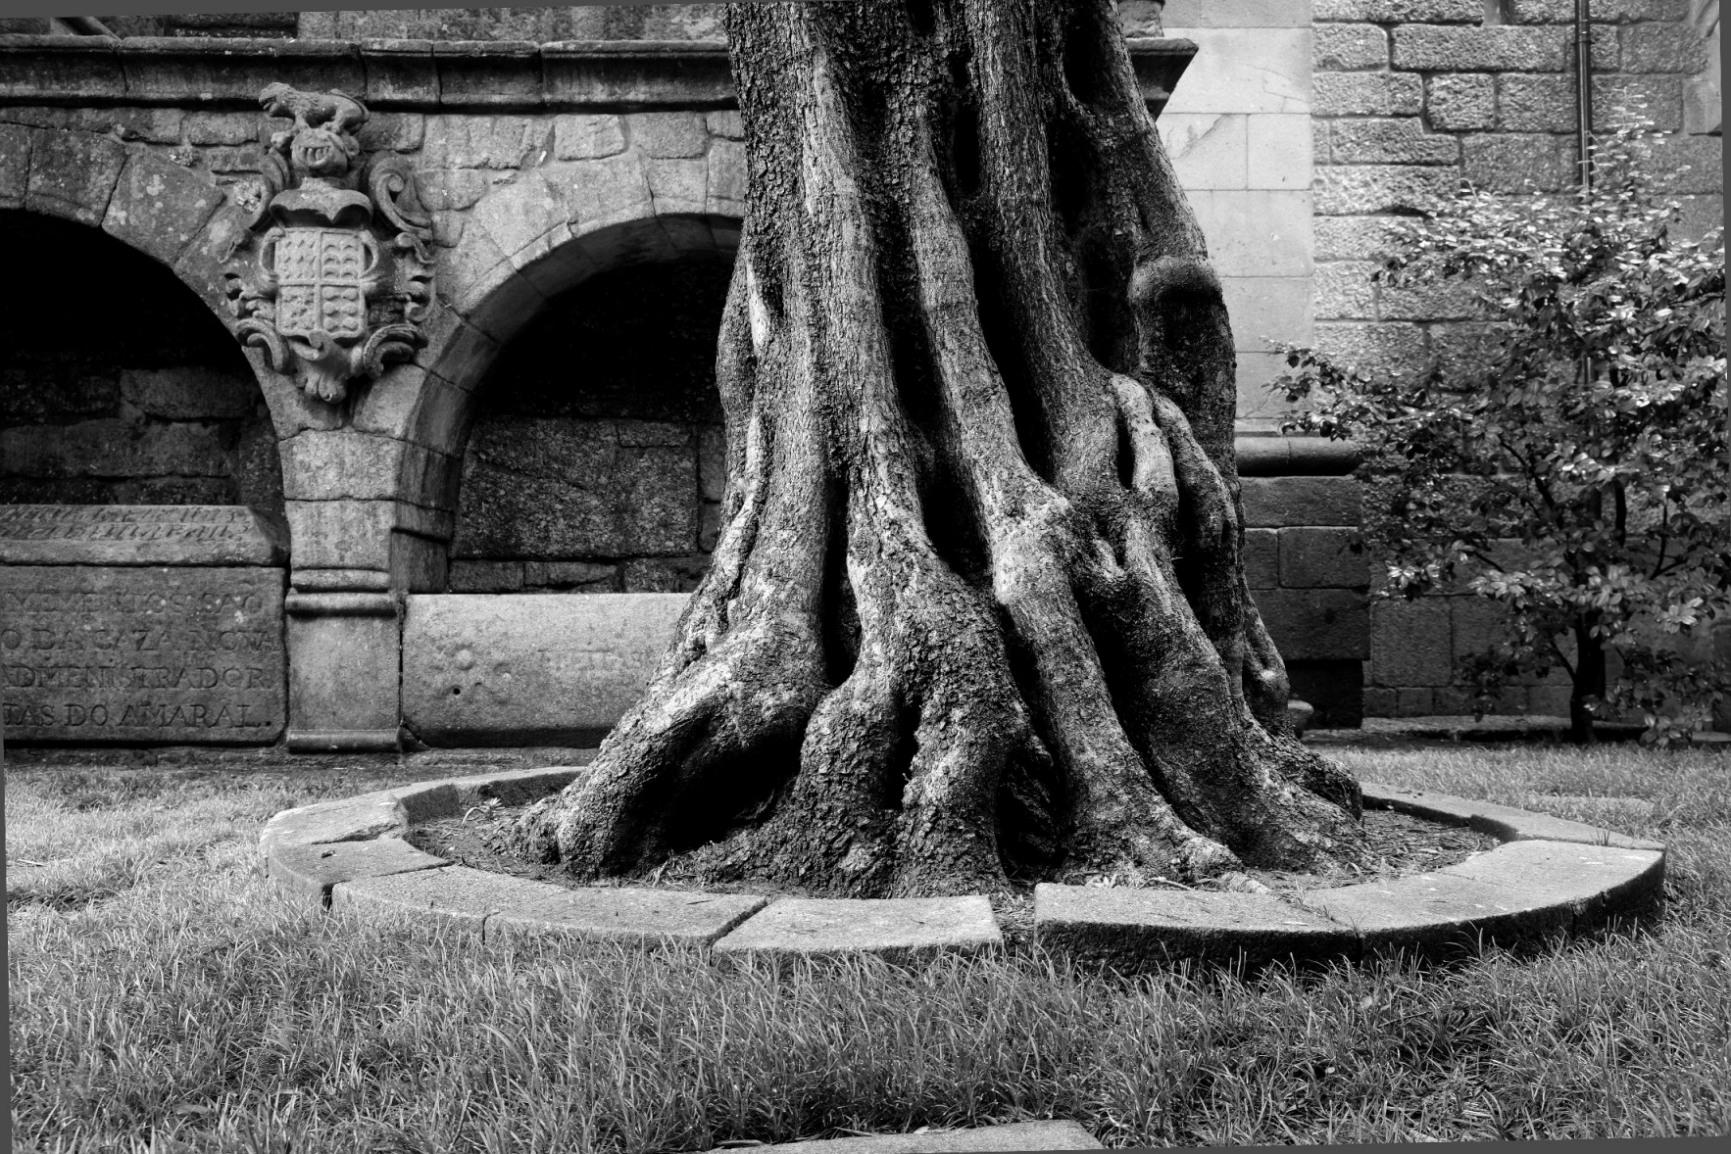 Imagem a preto e branco da base do tronco da oliveira do claustro.